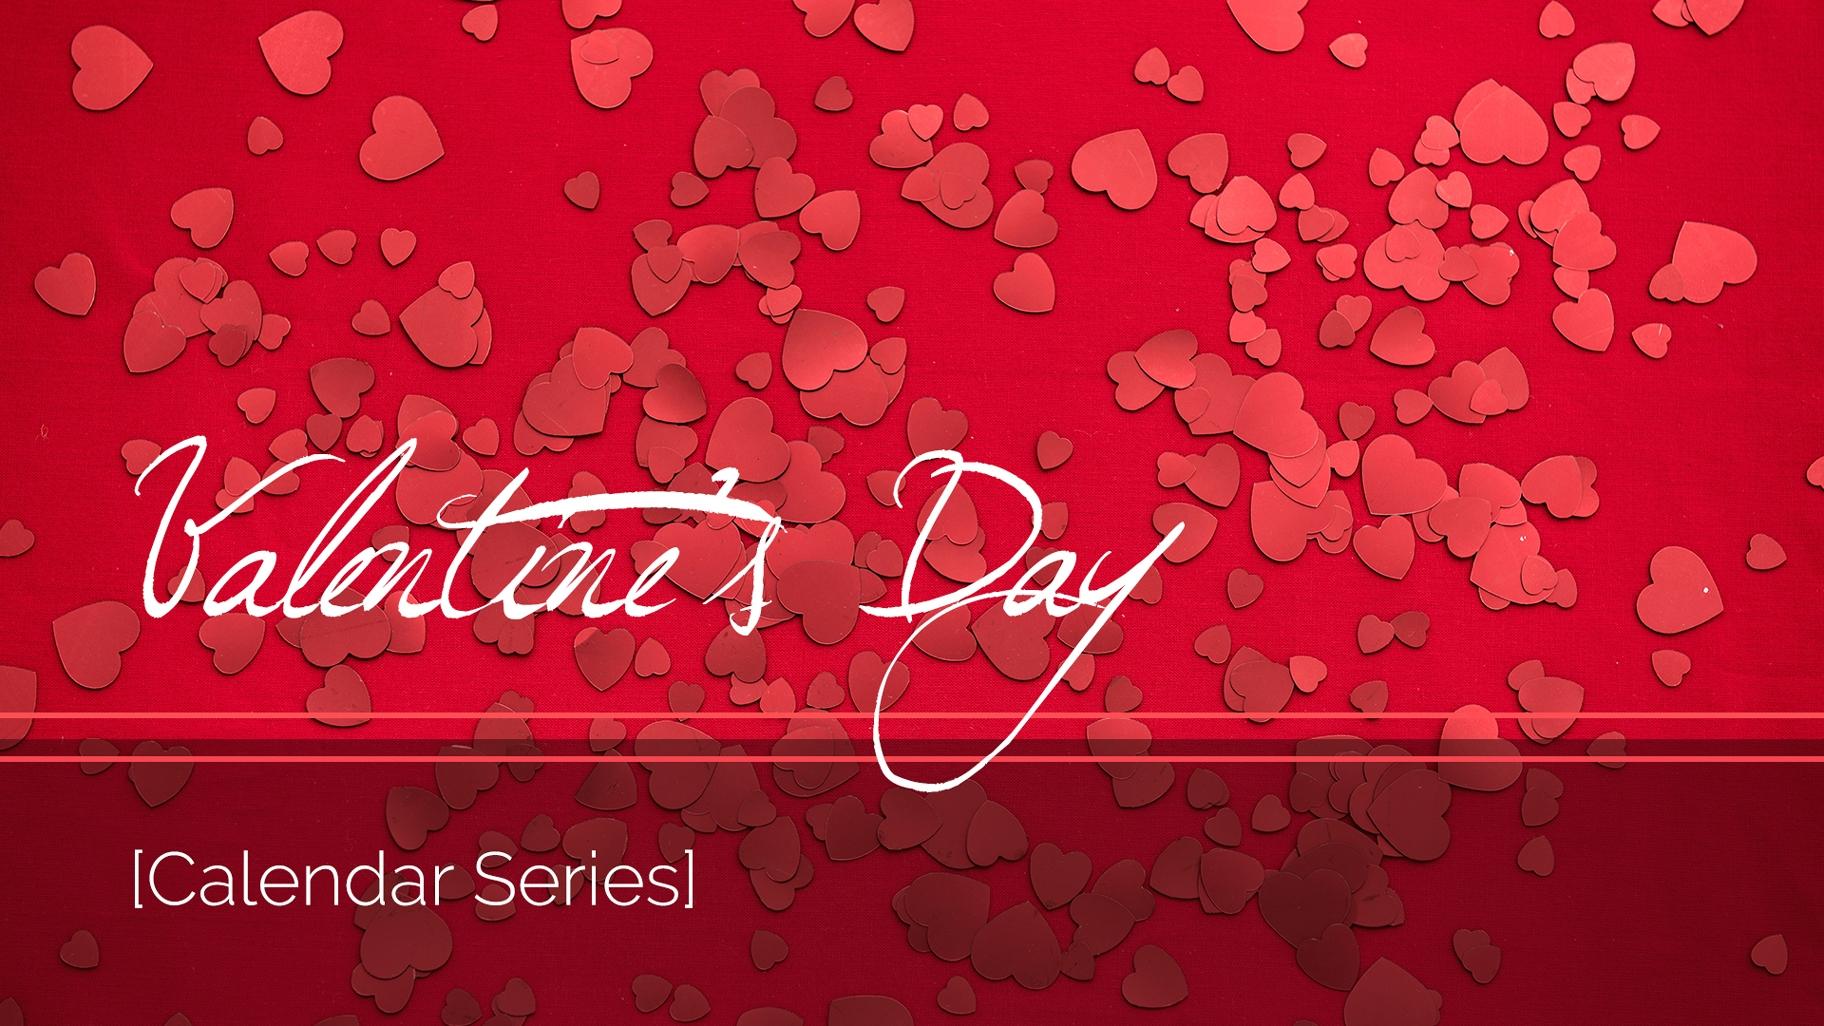 Valentine's Day Calendar Series